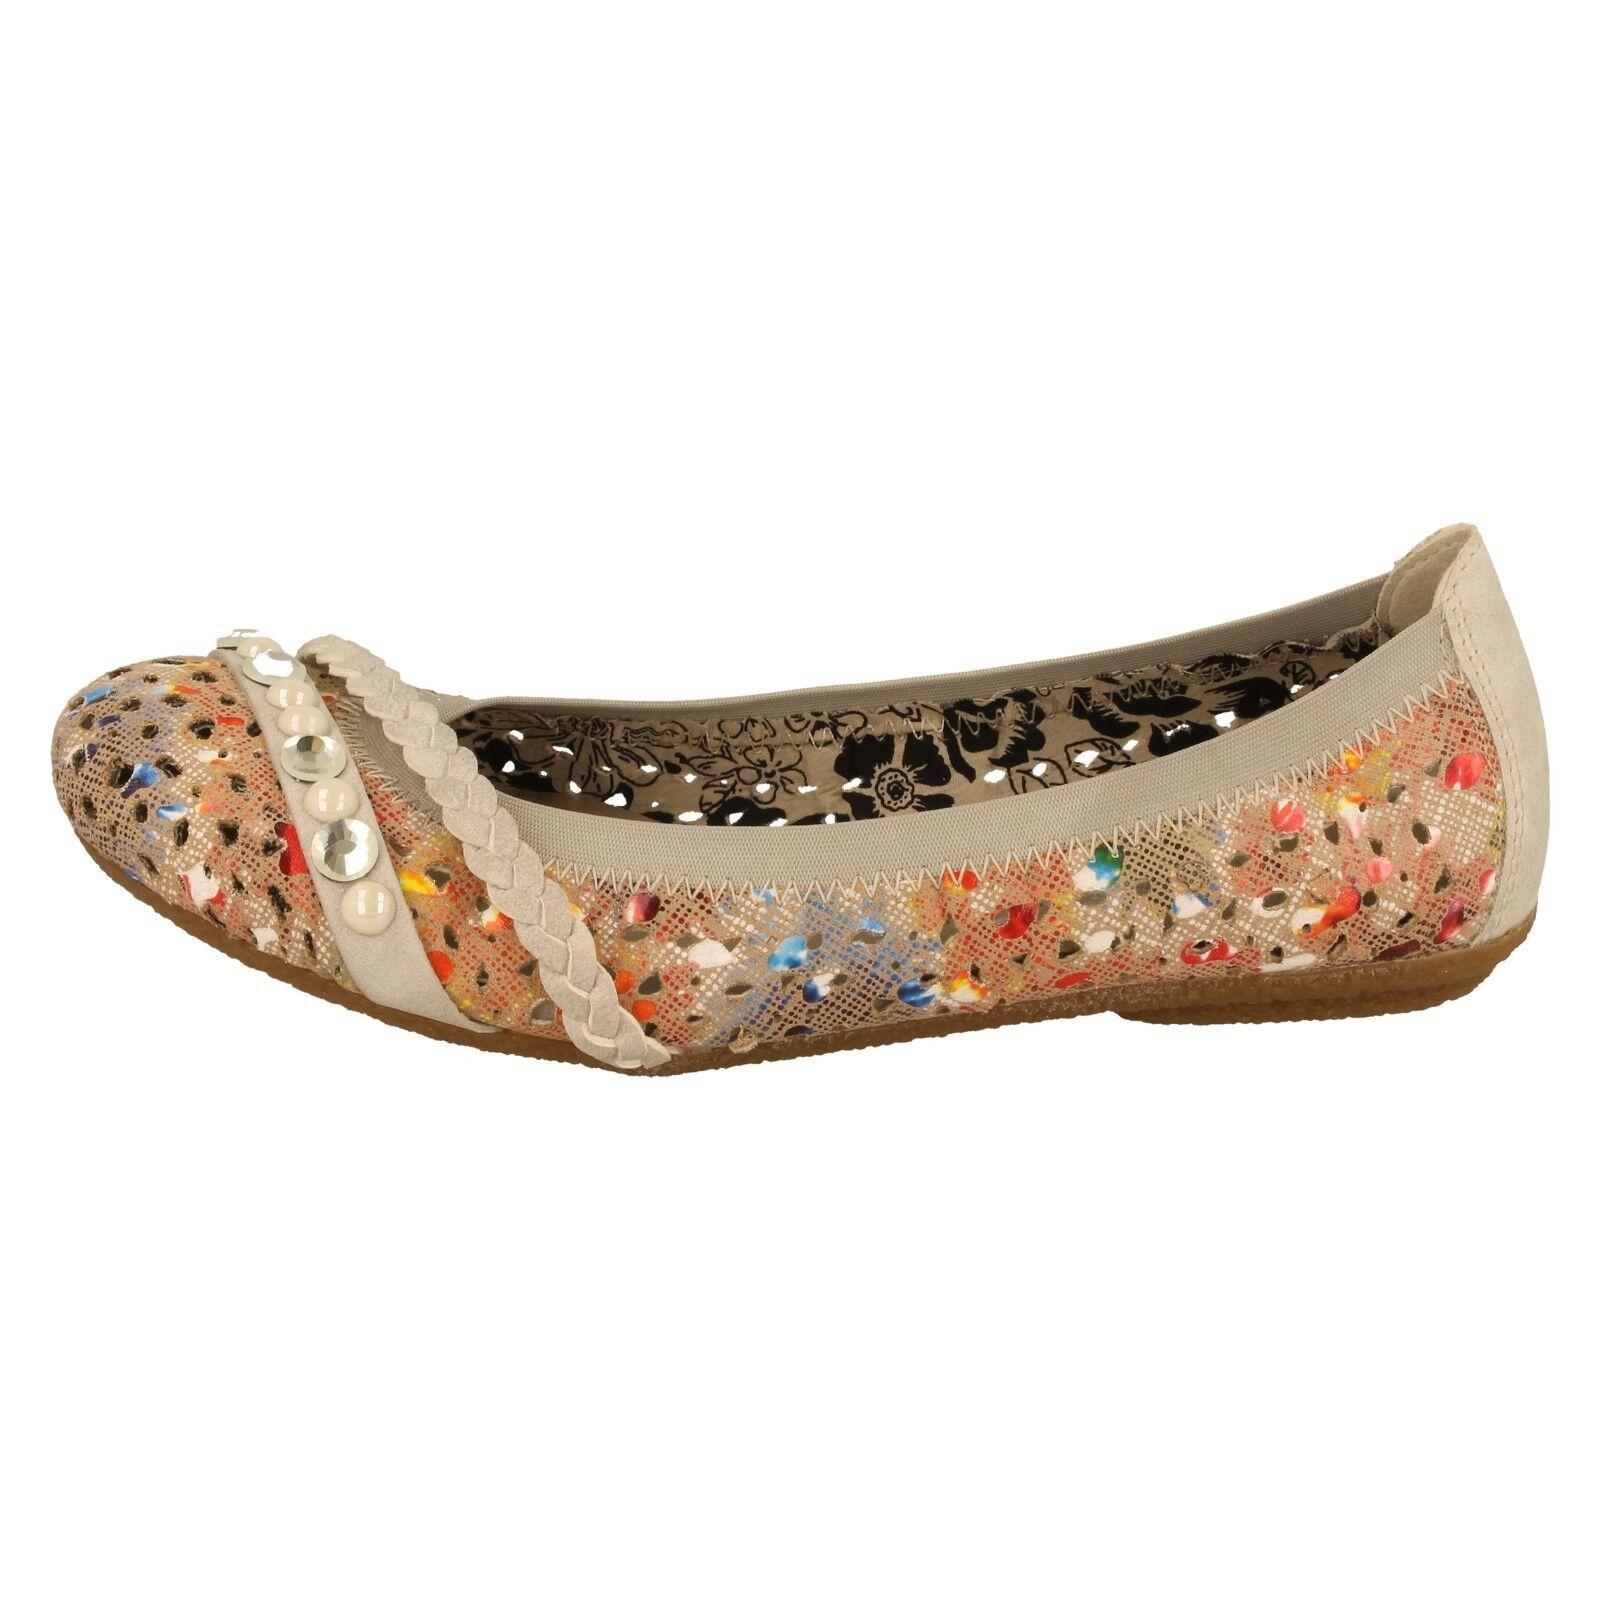 women RIEKER shoes plates à Enfiler - 41458 41458 41458 5da556